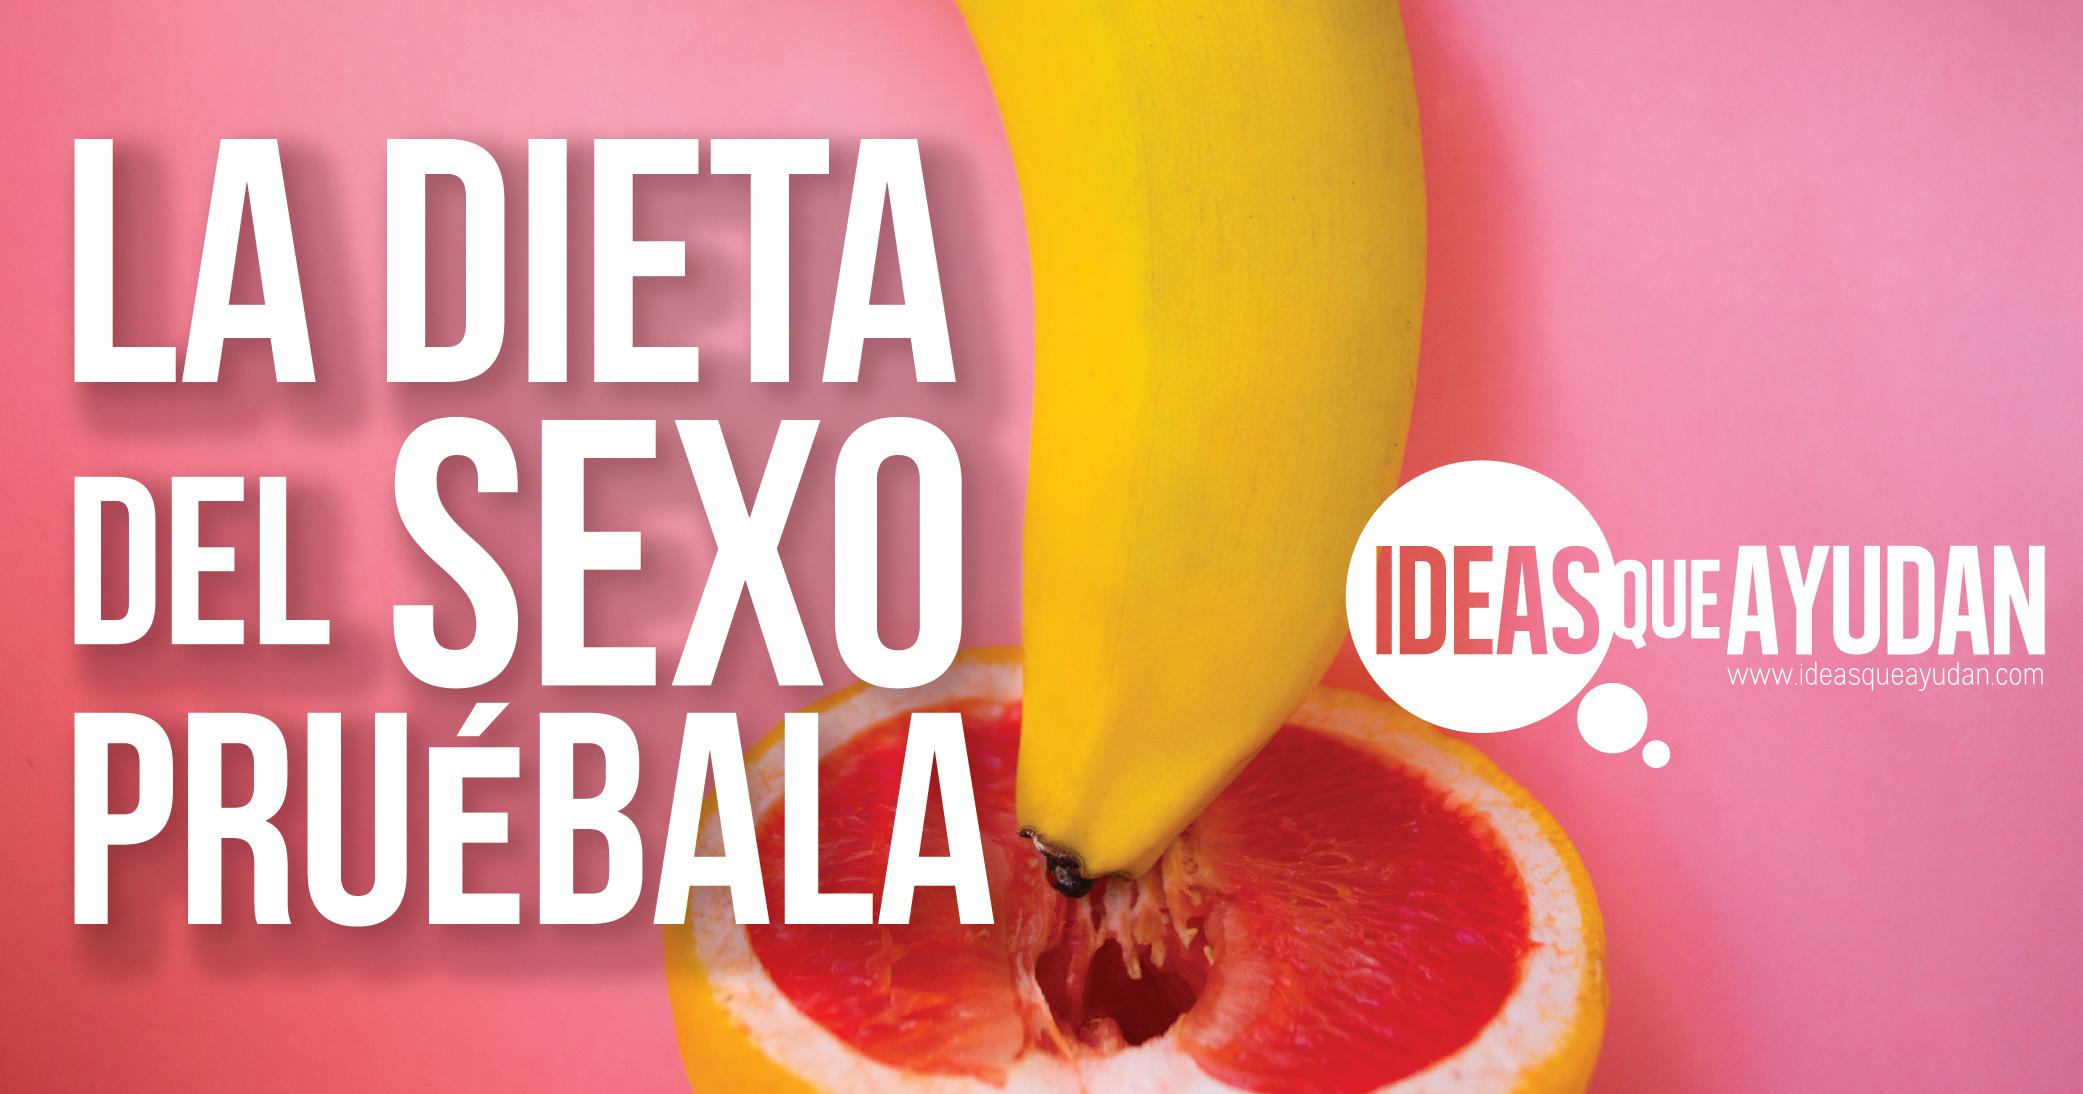 La dieta del sexo